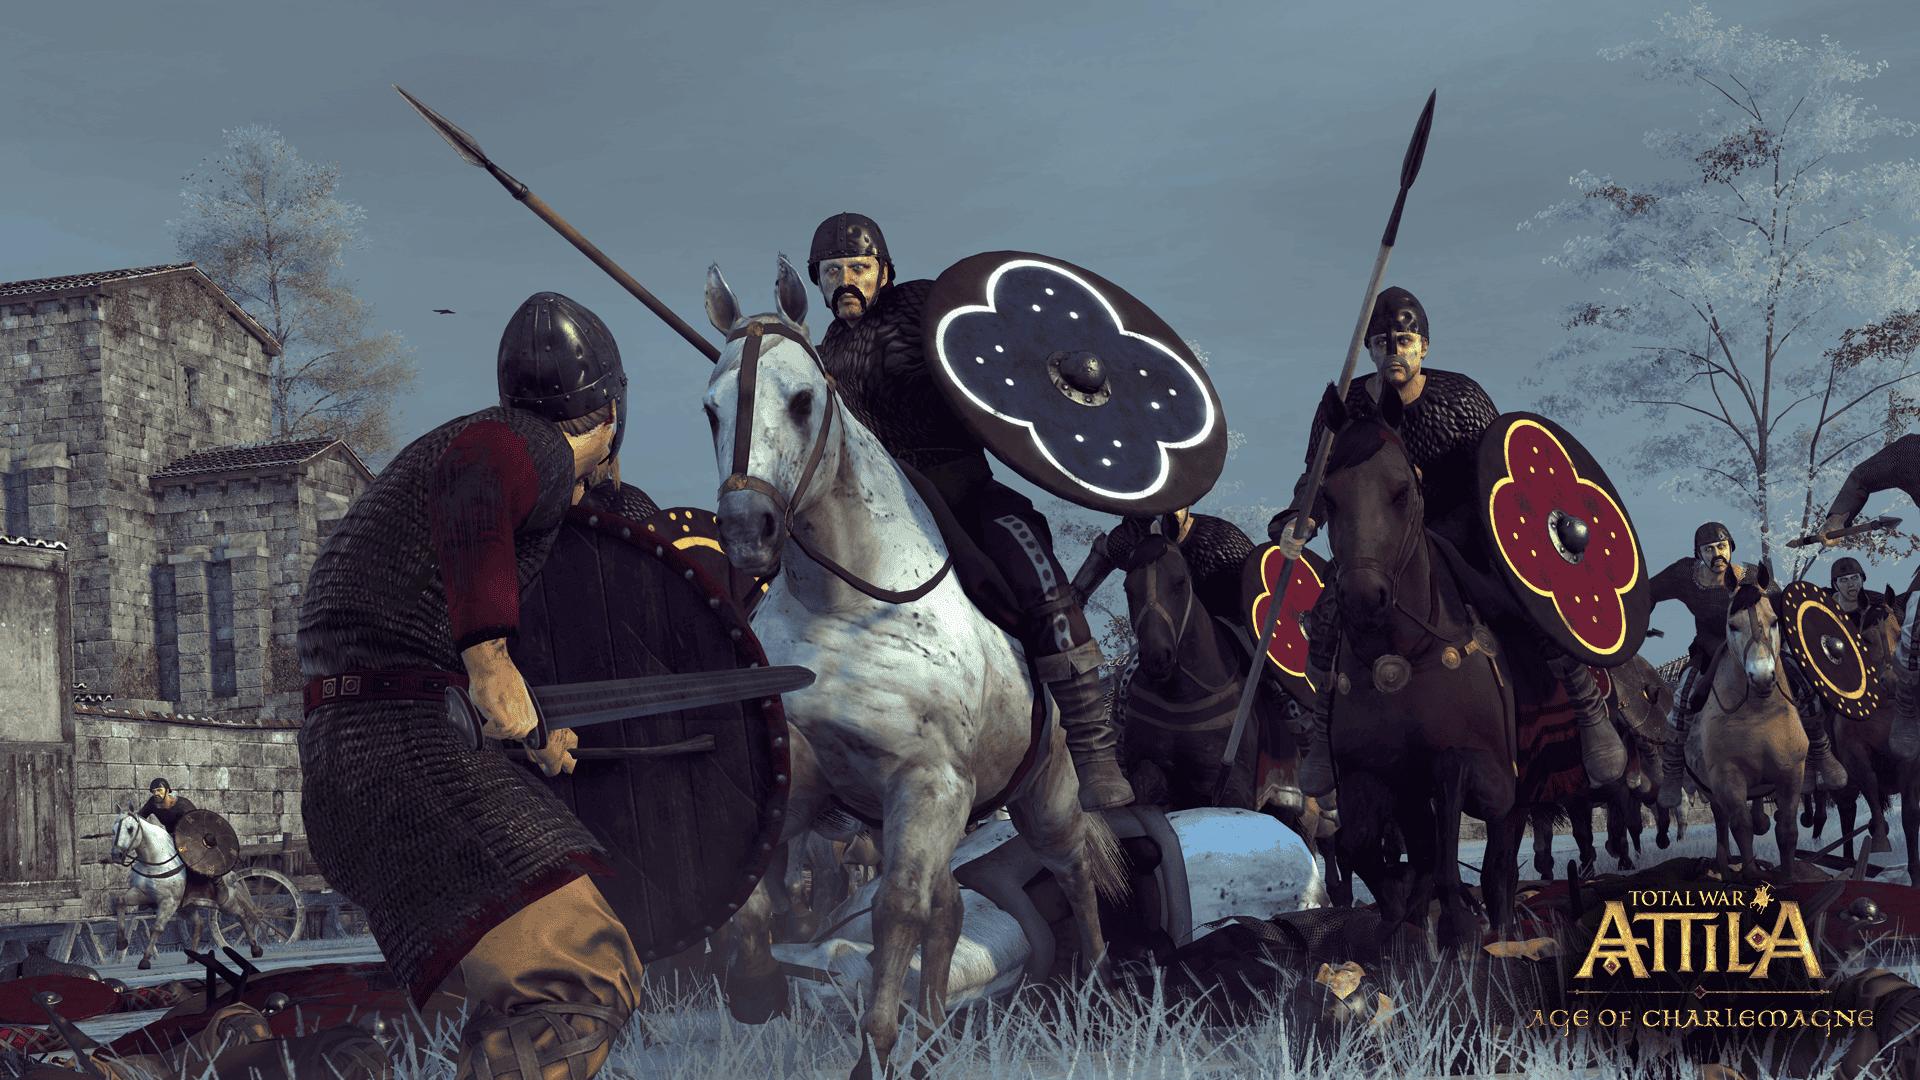 Imagen de Total War: Attila llega a la época de Carlomagno